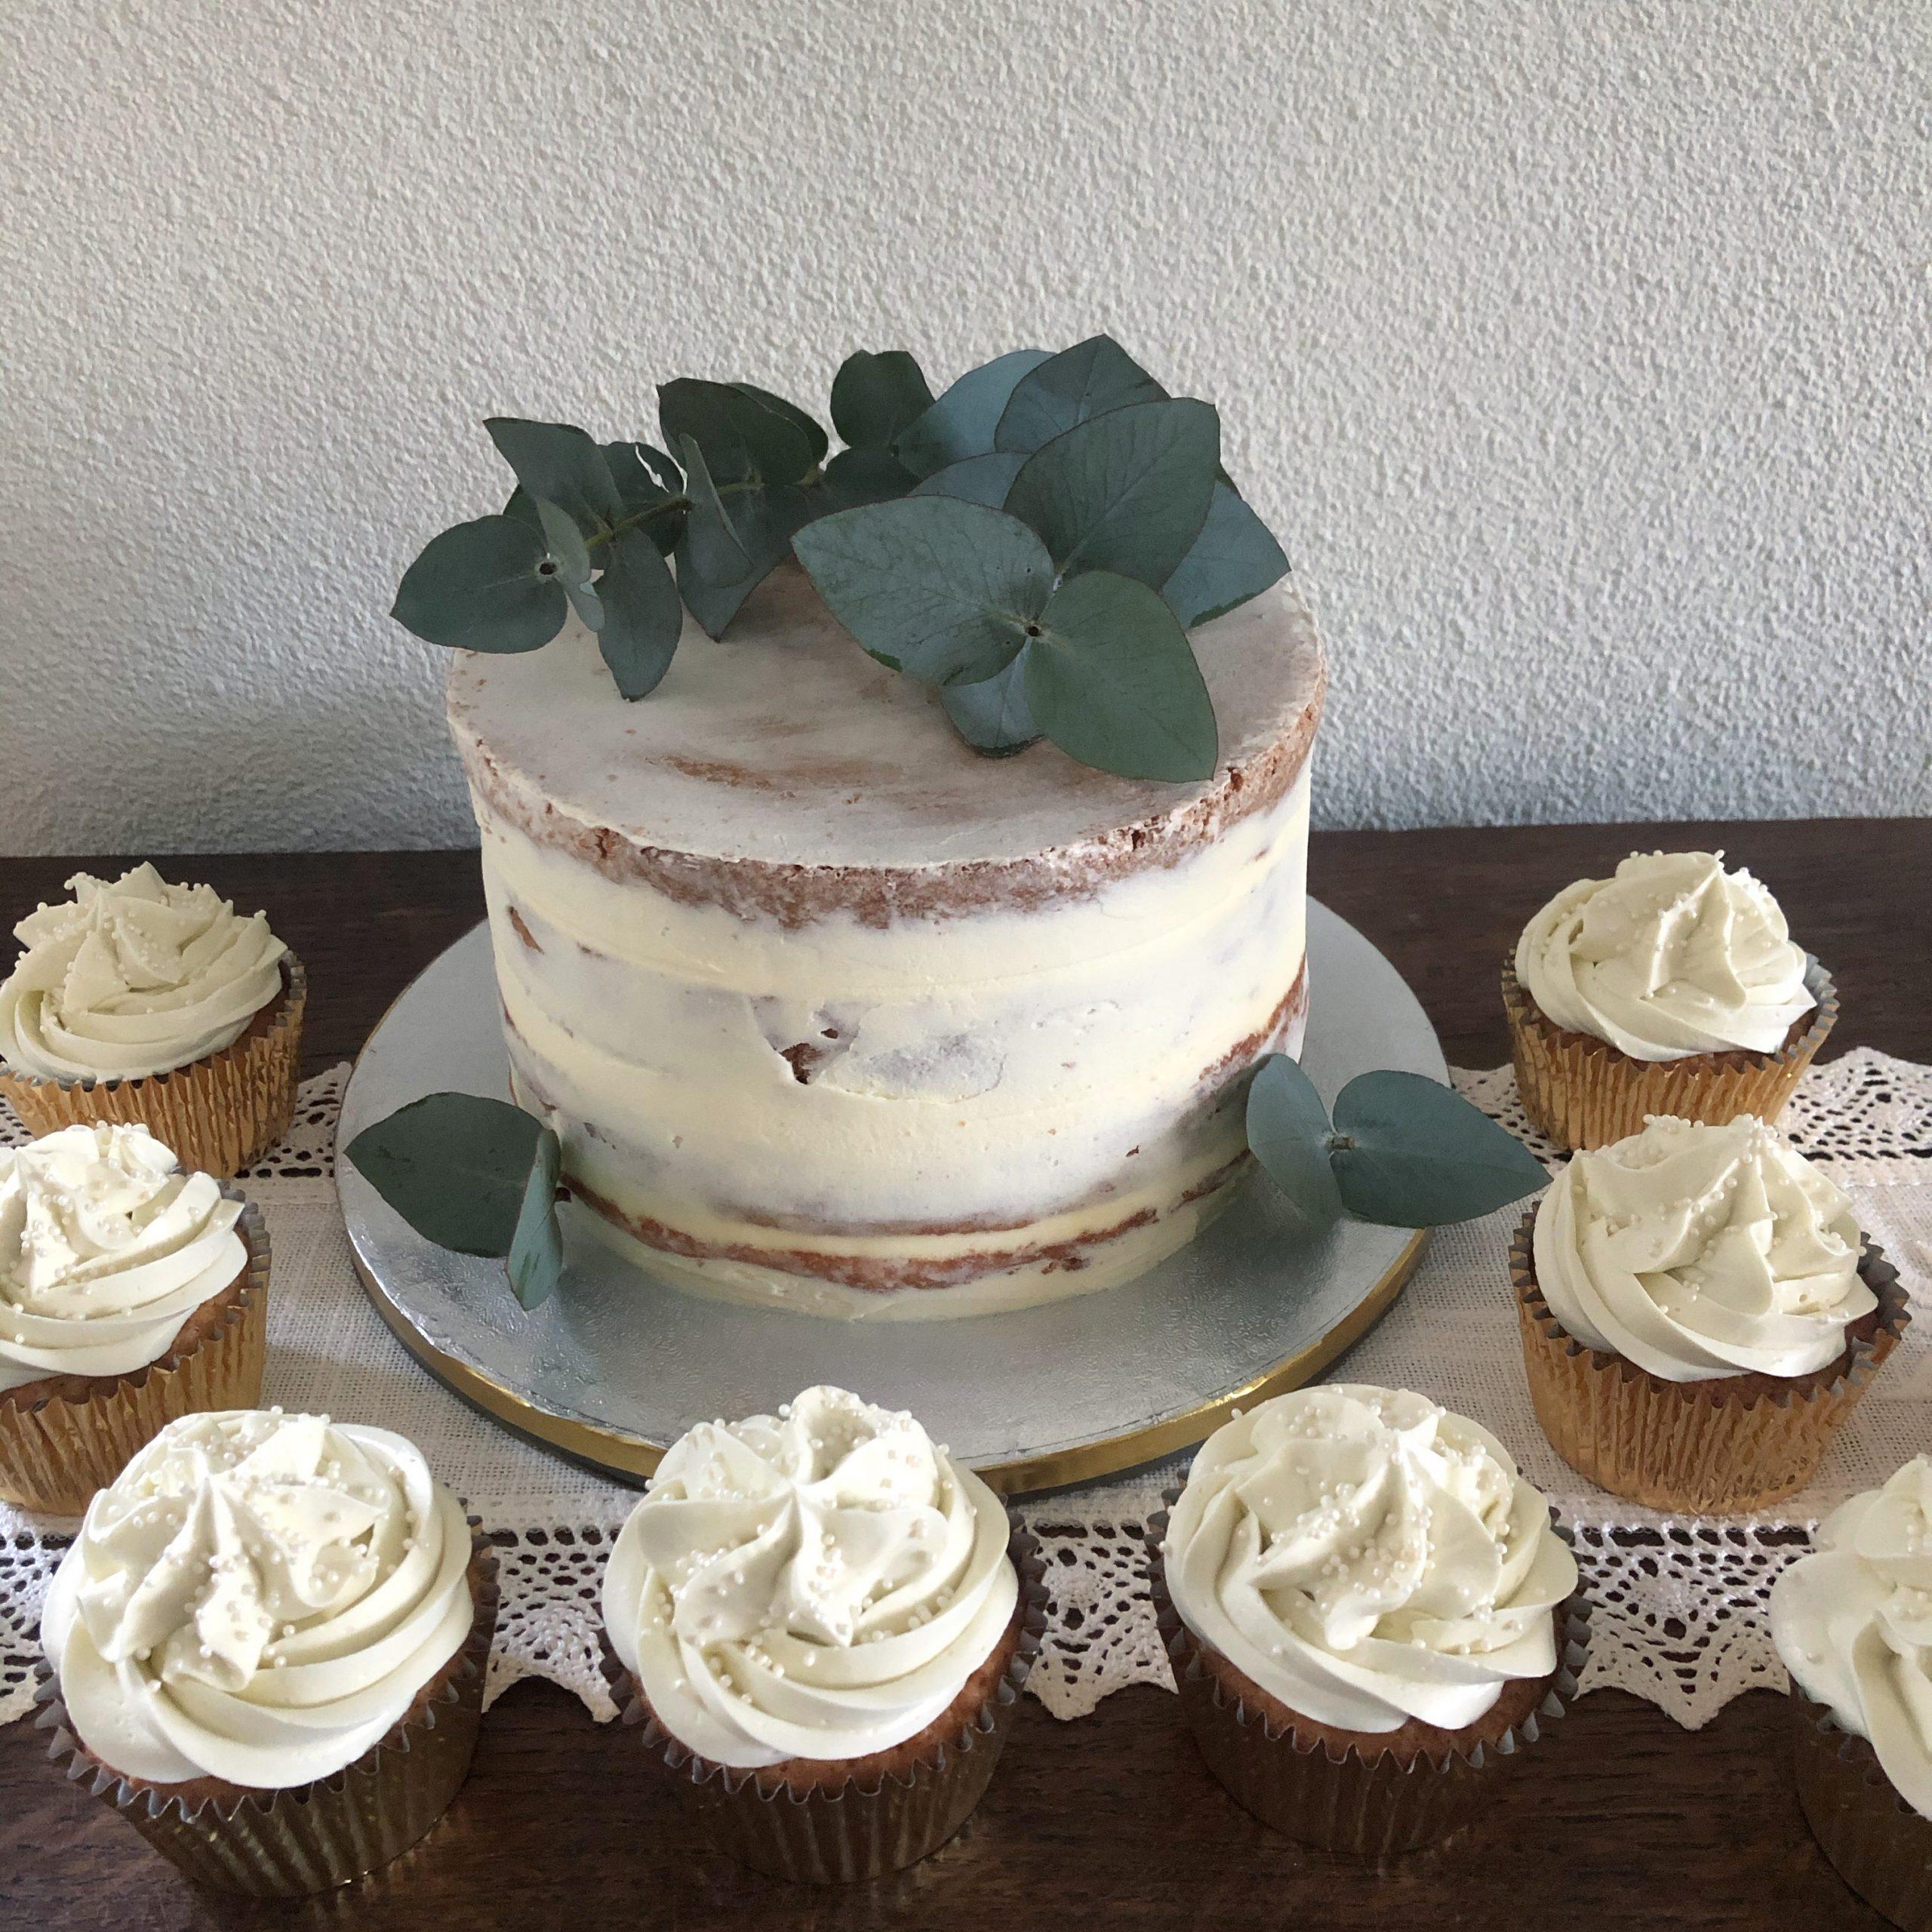 Naked cake met cupcakes